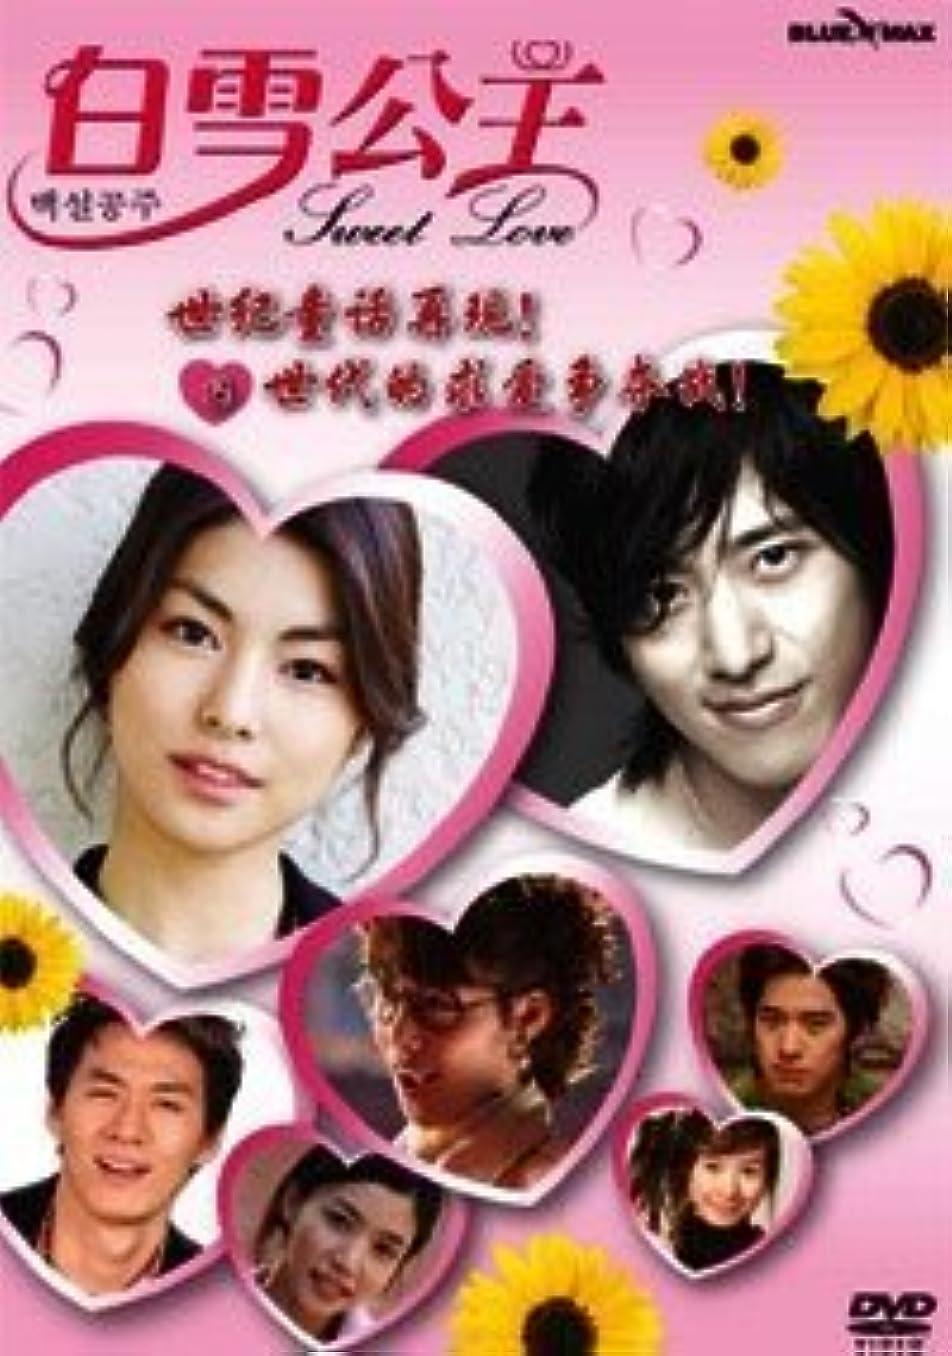 土器ニックネームスマッシュSweet Love / Snow White Korean Tv Series English Sub (4 Dvds)